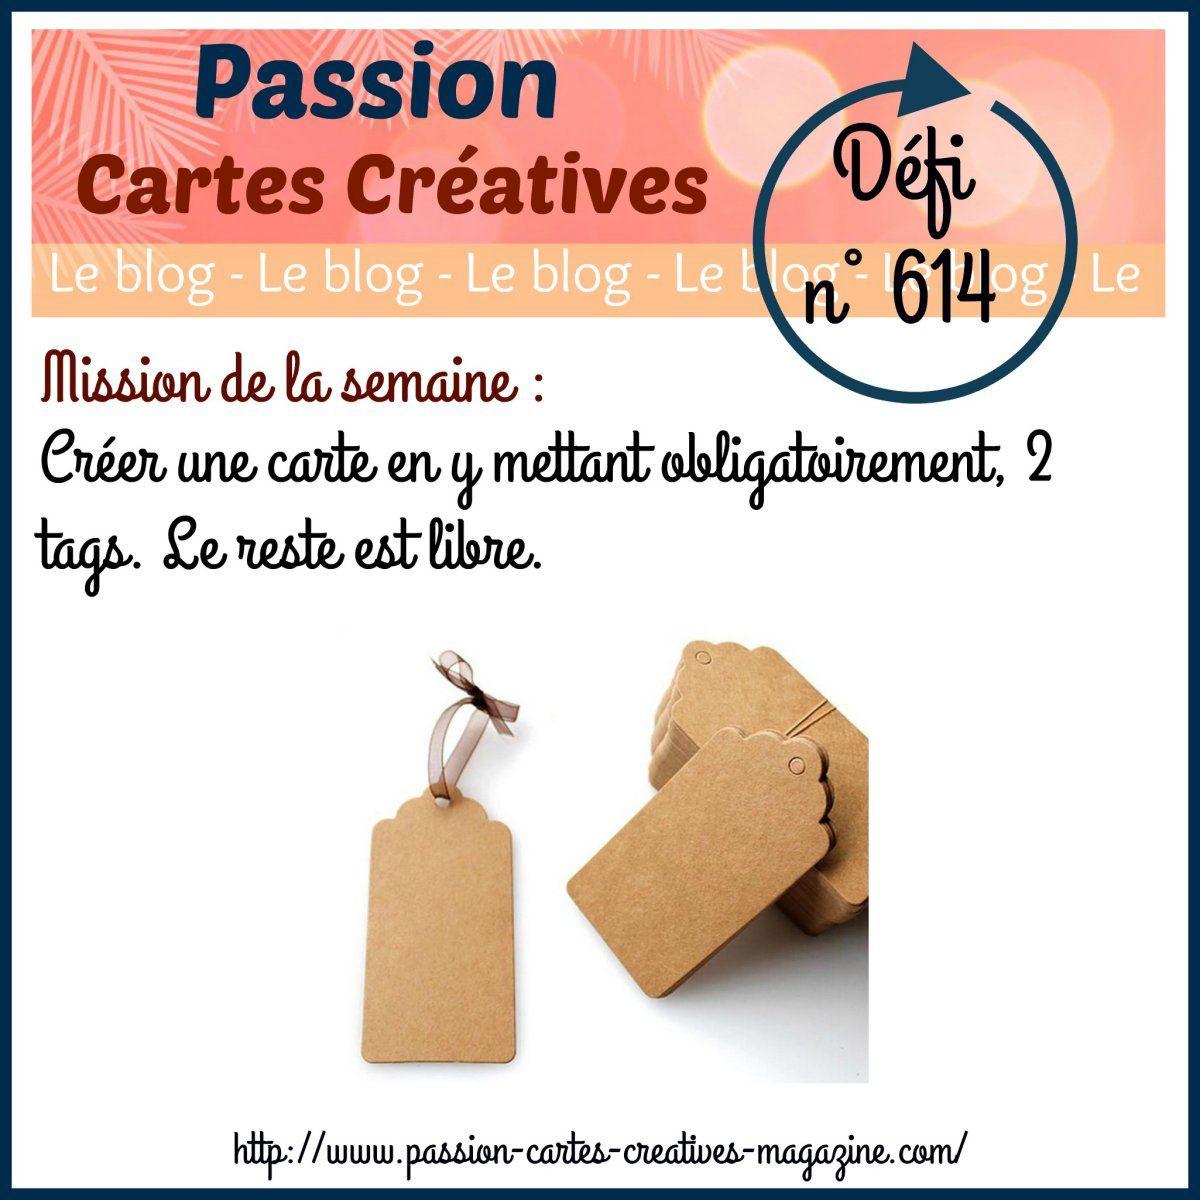 Défi 614 de Passion Cartes Créatives